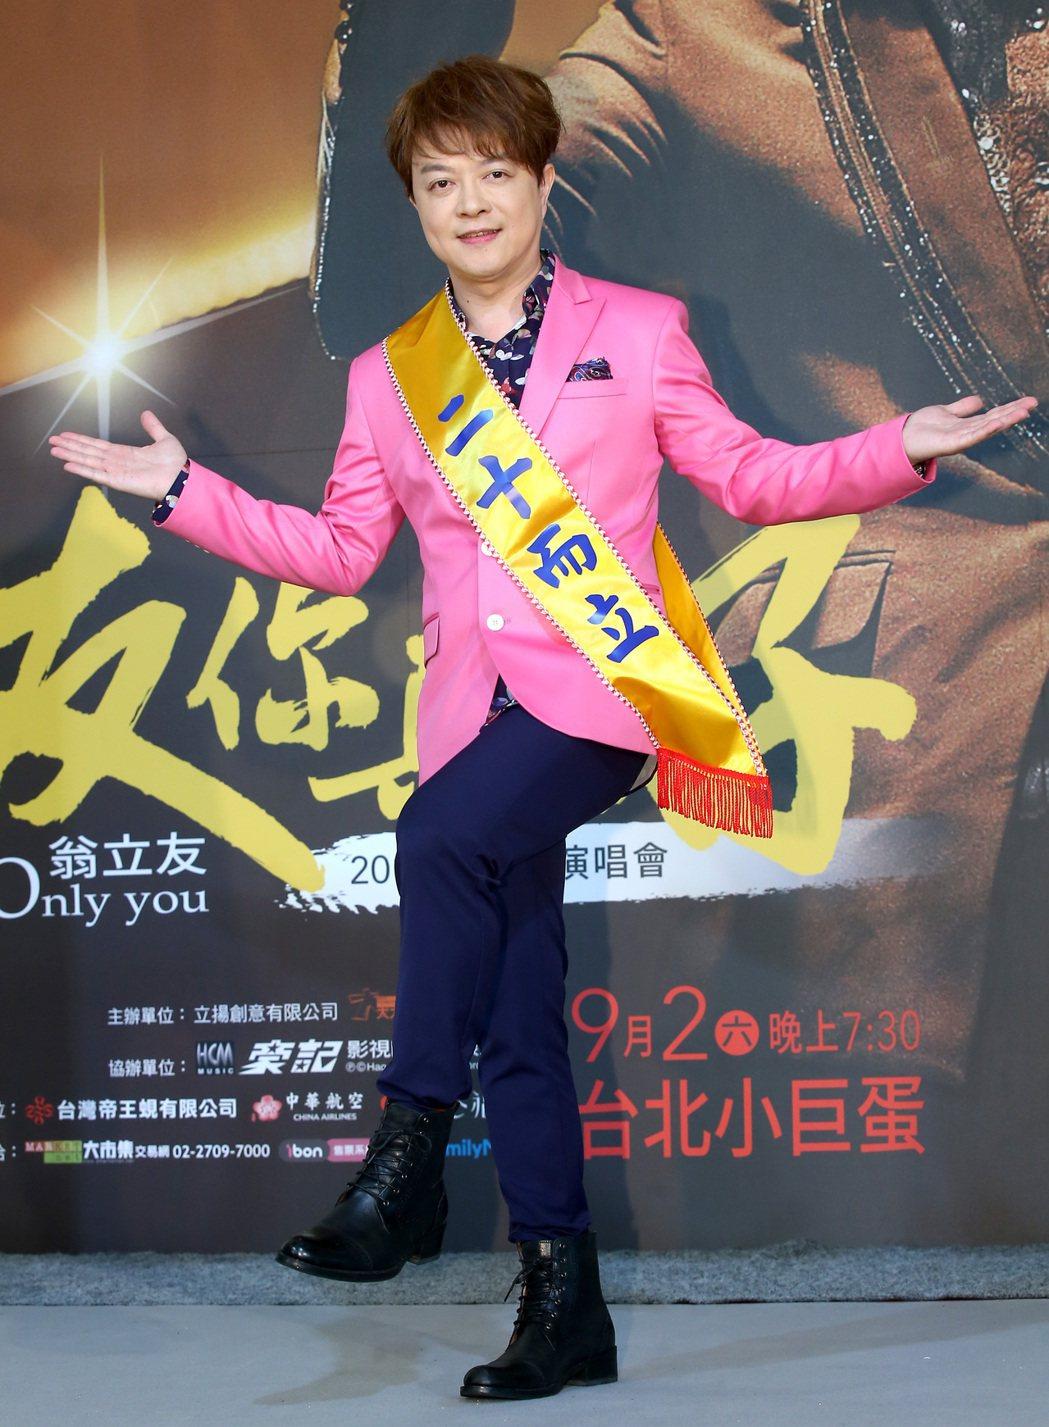 金曲歌王翁立友出道20年,即將於9月2日在台北小巨蛋舉行「友你真好」演唱會。記者...